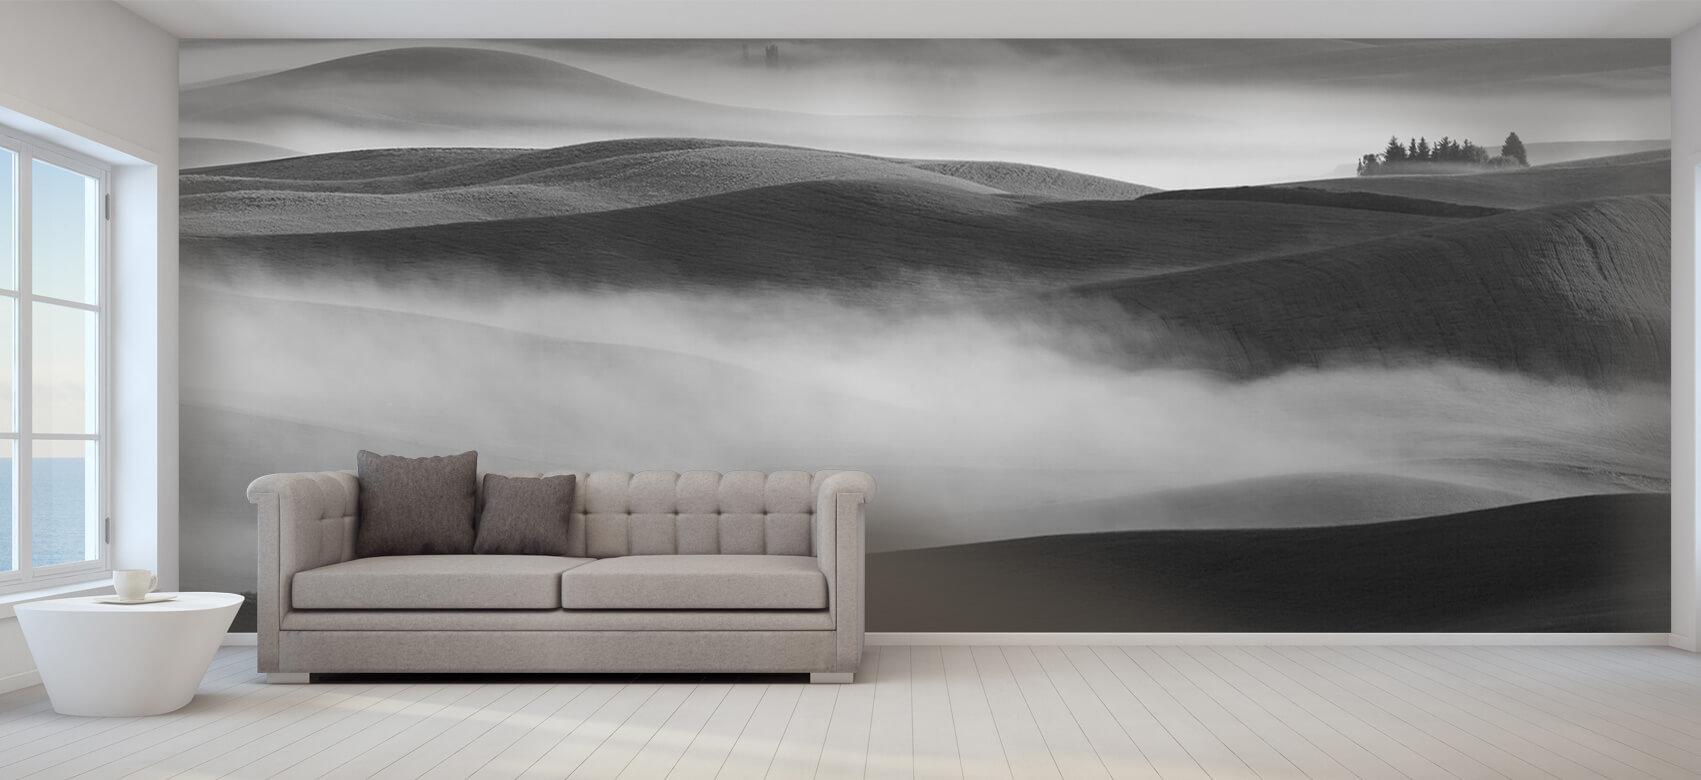 Dream Land in Morning Mist 9